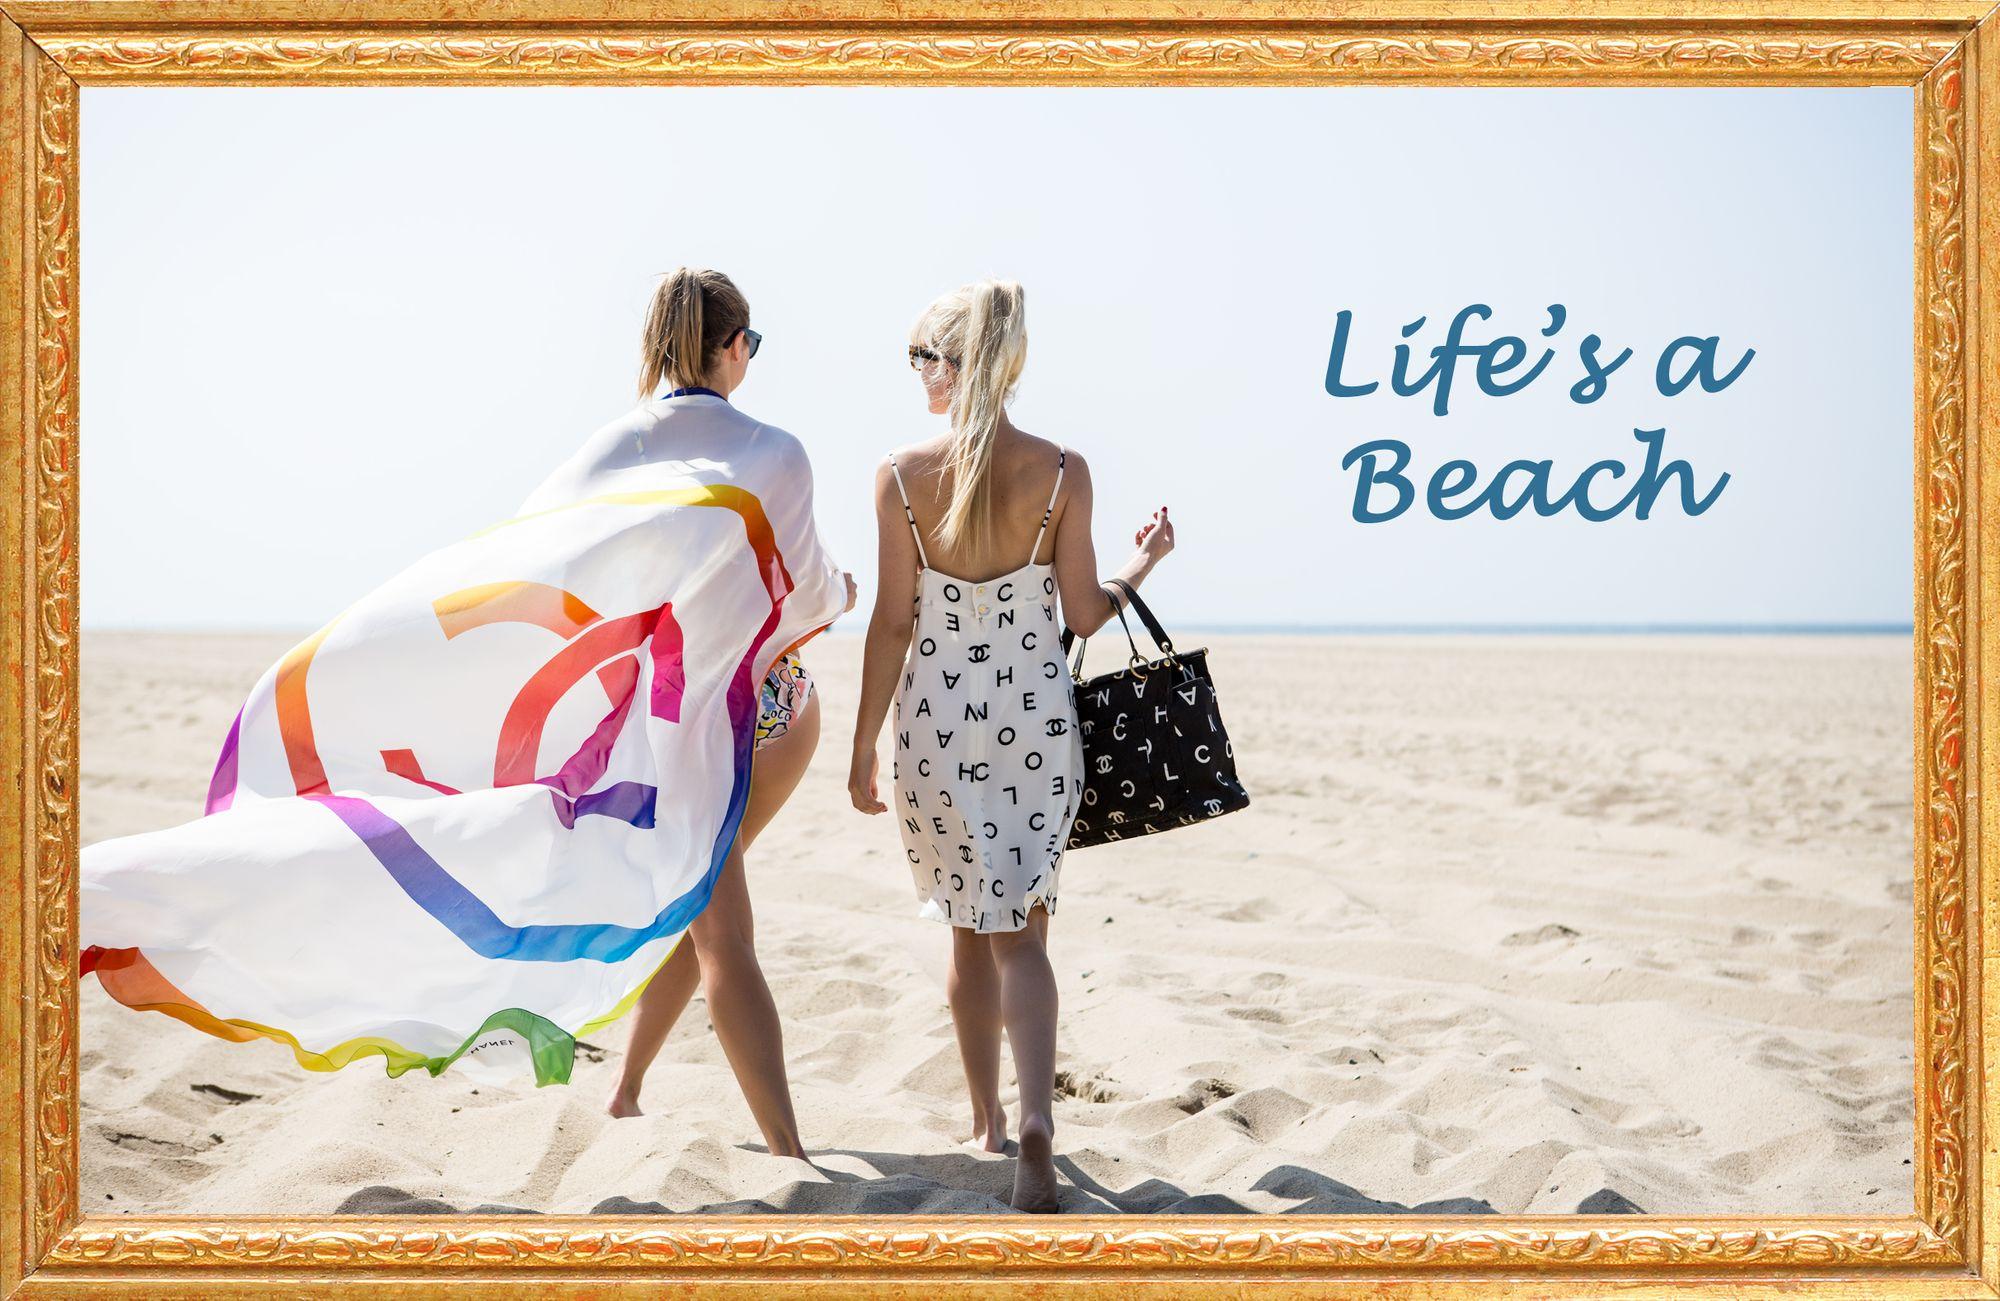 Life's a beach.jpg